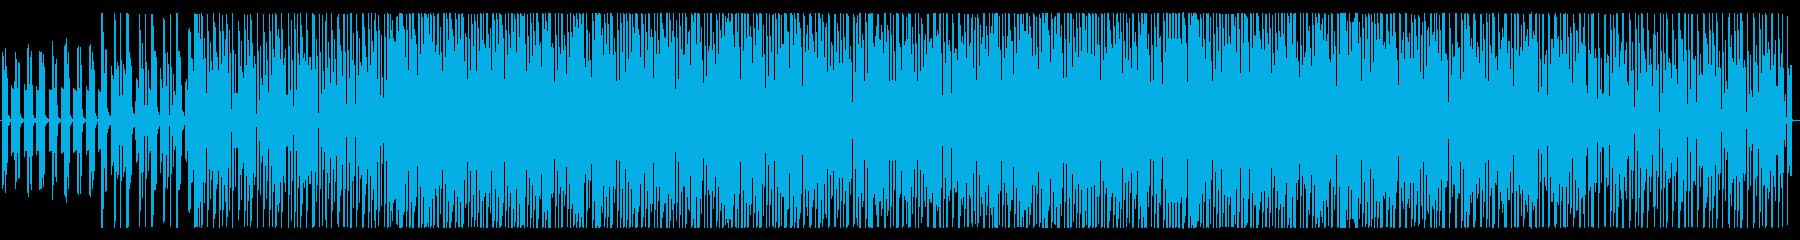 スローで落ち着いた雰囲気のEDMの再生済みの波形